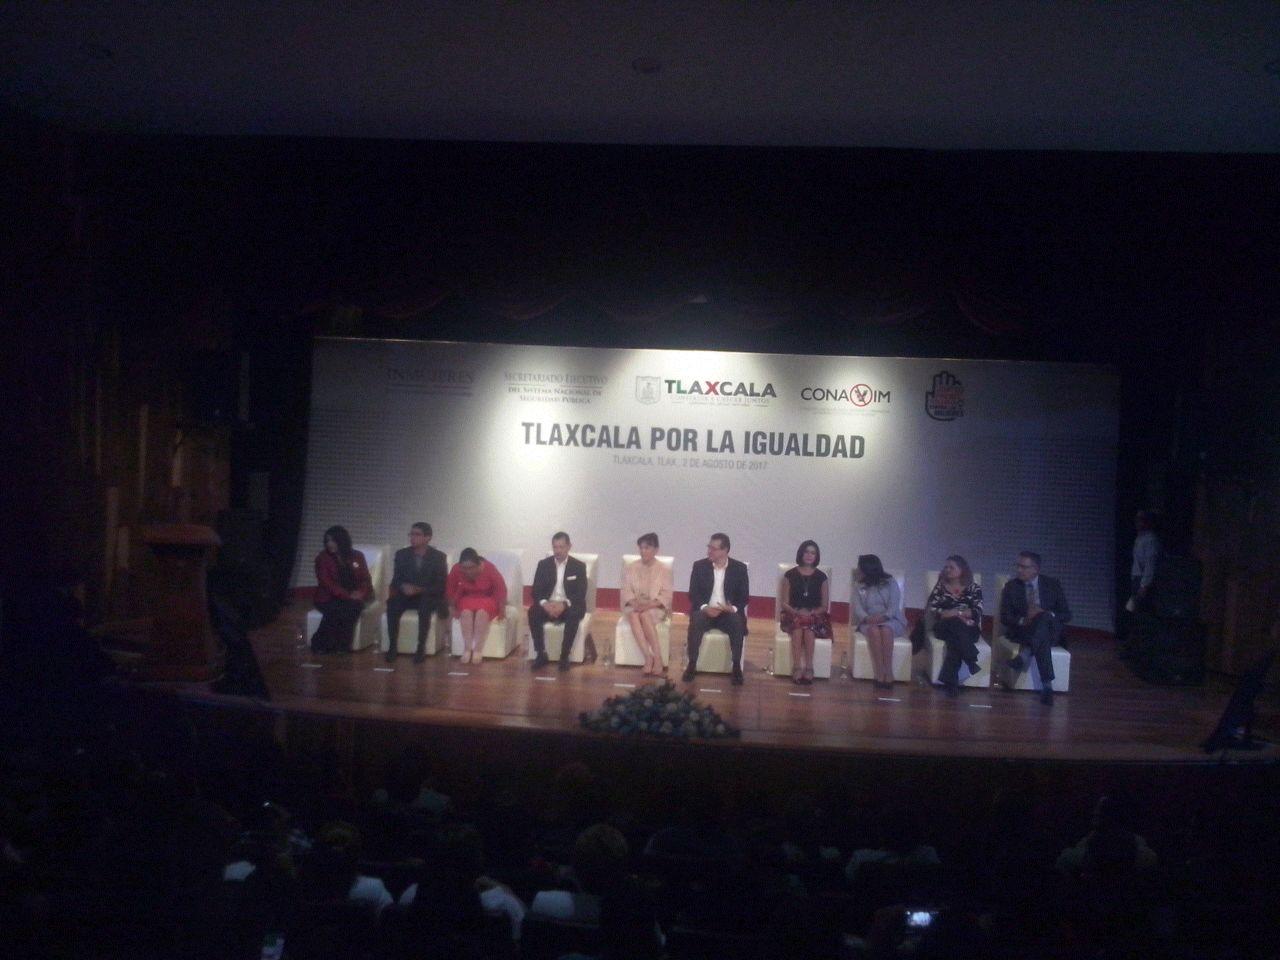 A medio camino Tlaxcala en mejores prácticas contra la trata de personas